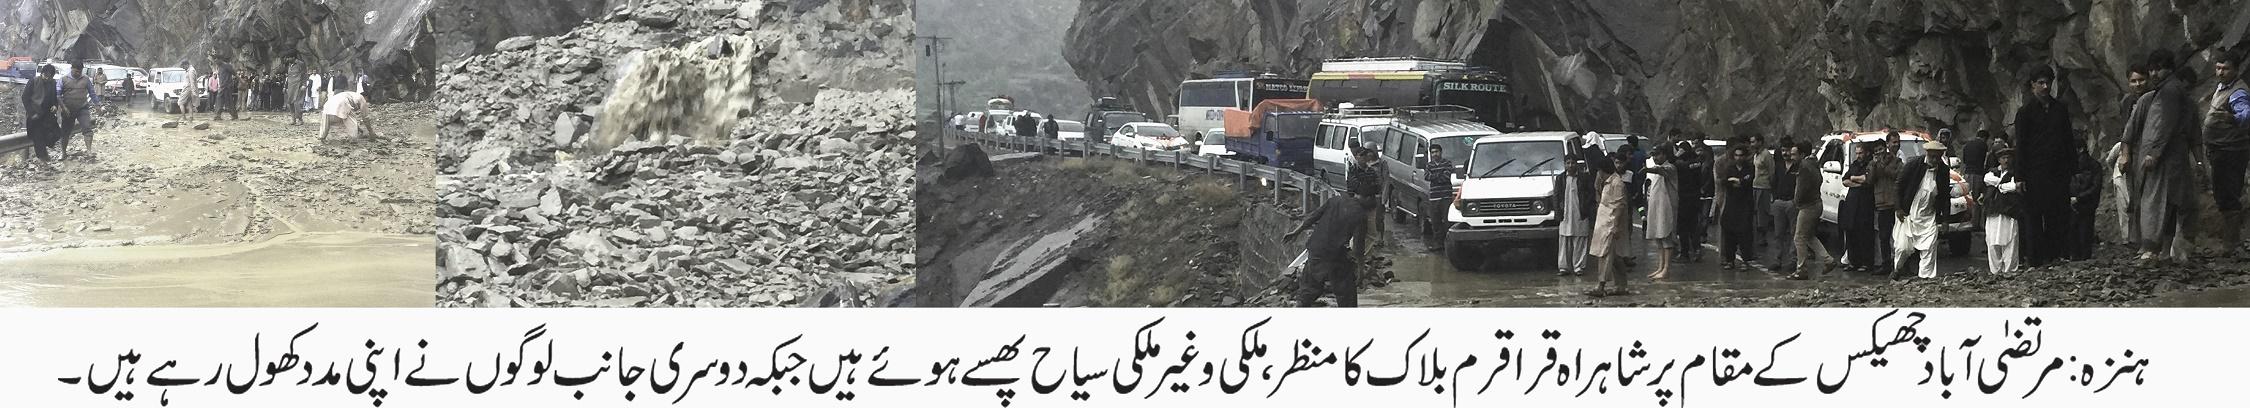 ہنزہ: زمینی تودہ گرنے اور بارش کی وجہ سے چھکس مرتضی آباد کے مقام پر شاہراہ قراقرم کئی گھنٹوں تک بند رہا